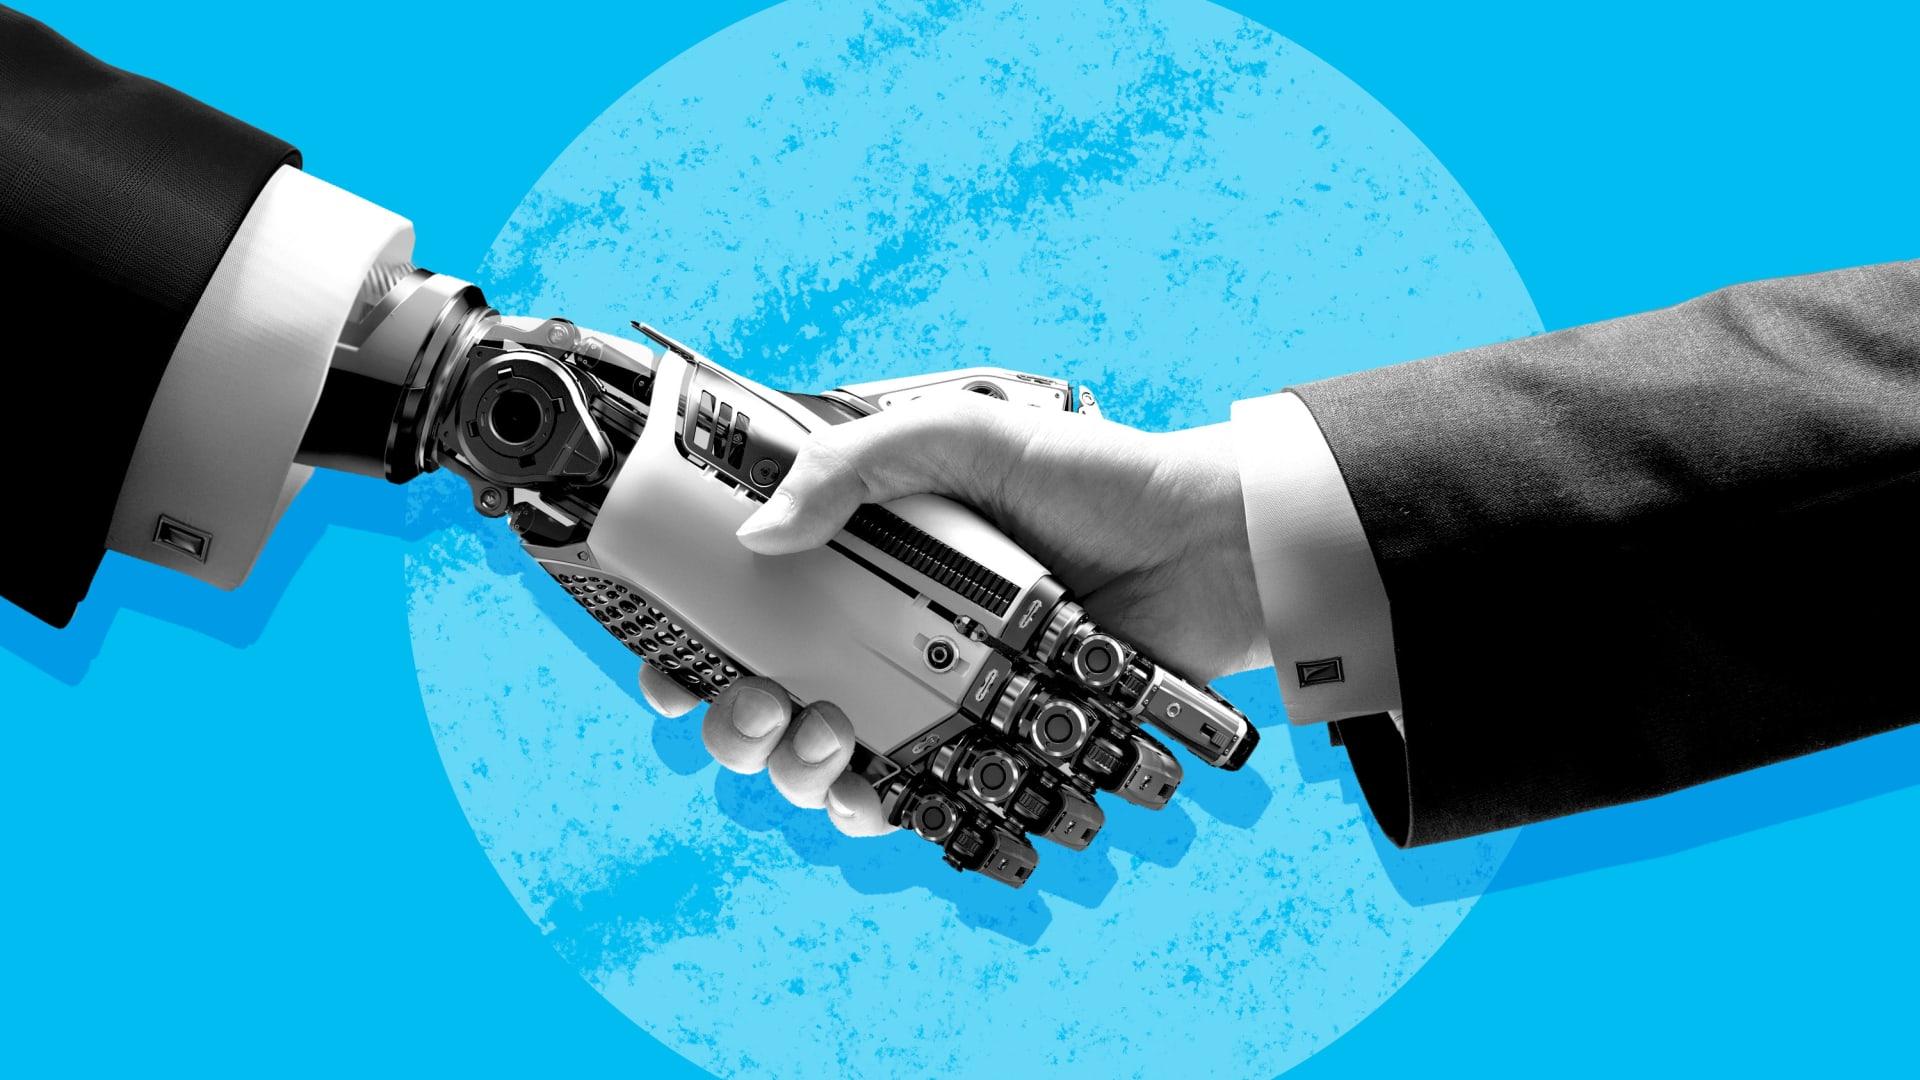 85 مليون وظيفة ستفقد في 2025.. إليكم الوظائف التي ستستولي عليها الآلات